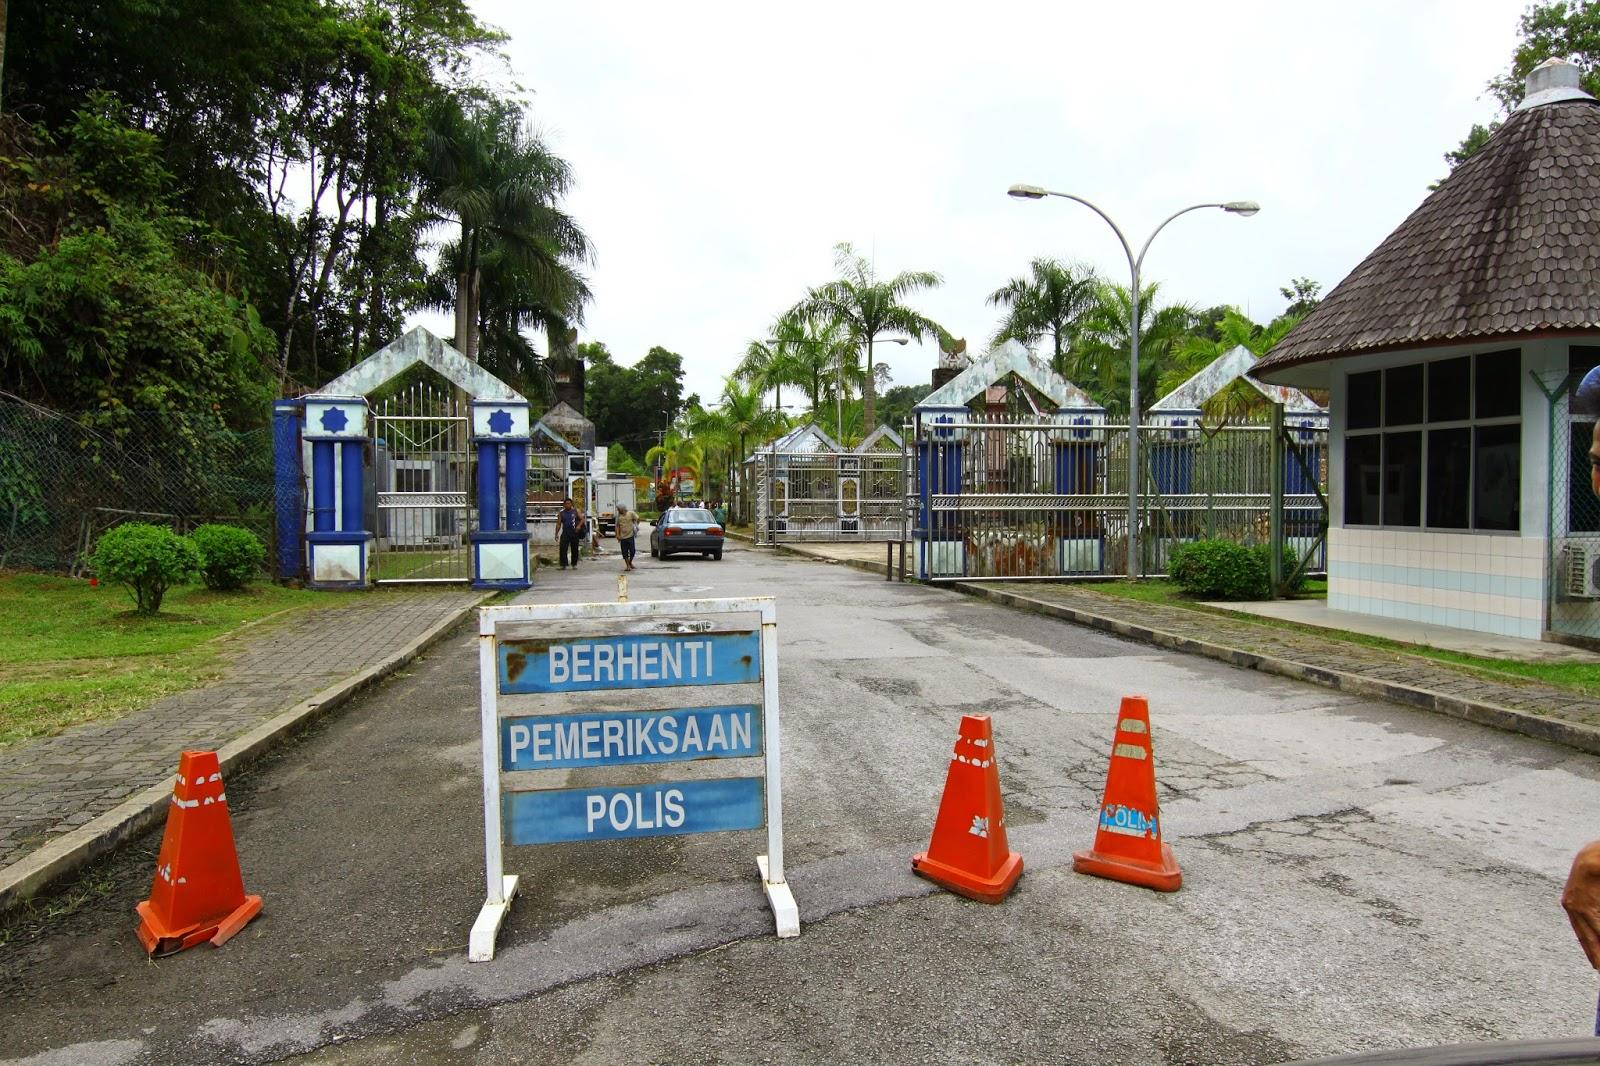 Kawalan polis sebelum melangkah masuk ke Indonesia